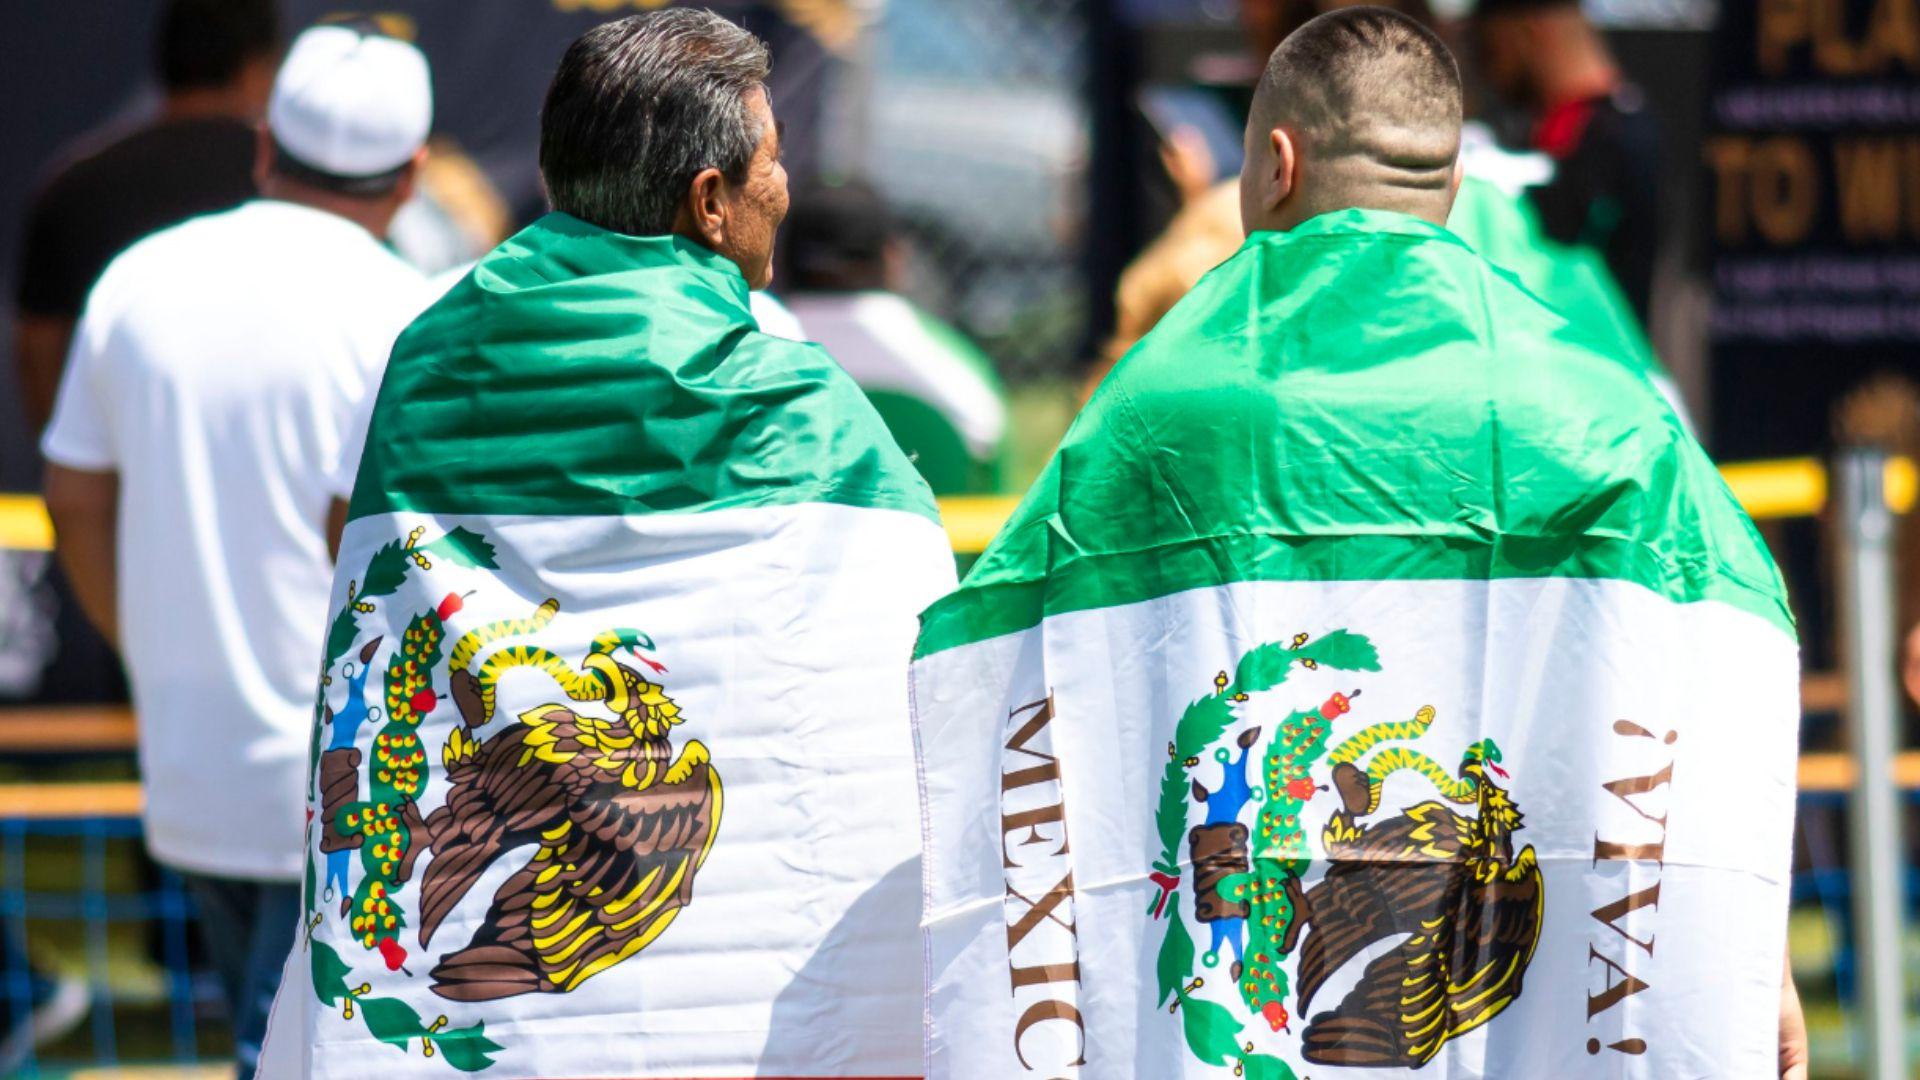 La afición mexicana está siempre presente en los juegos del Tri en EEUU (Foto: Twitter)